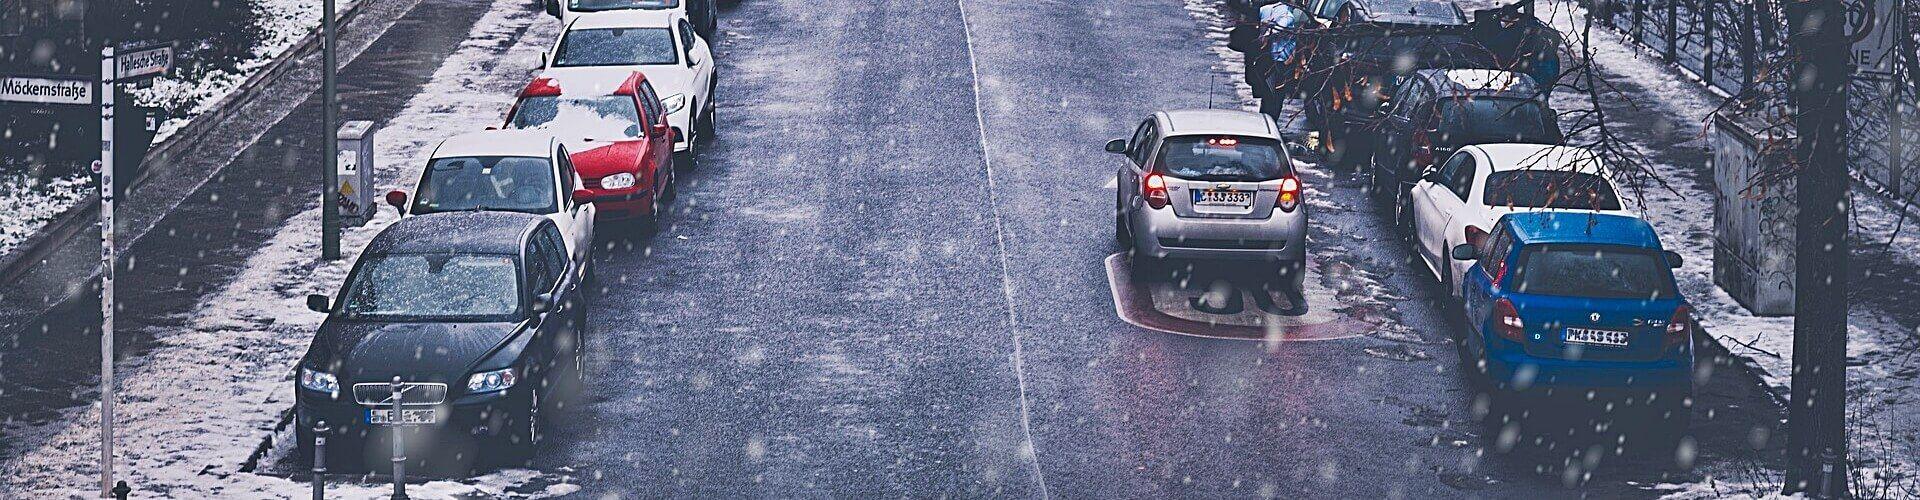 neumaticos-invierno-vehiculos